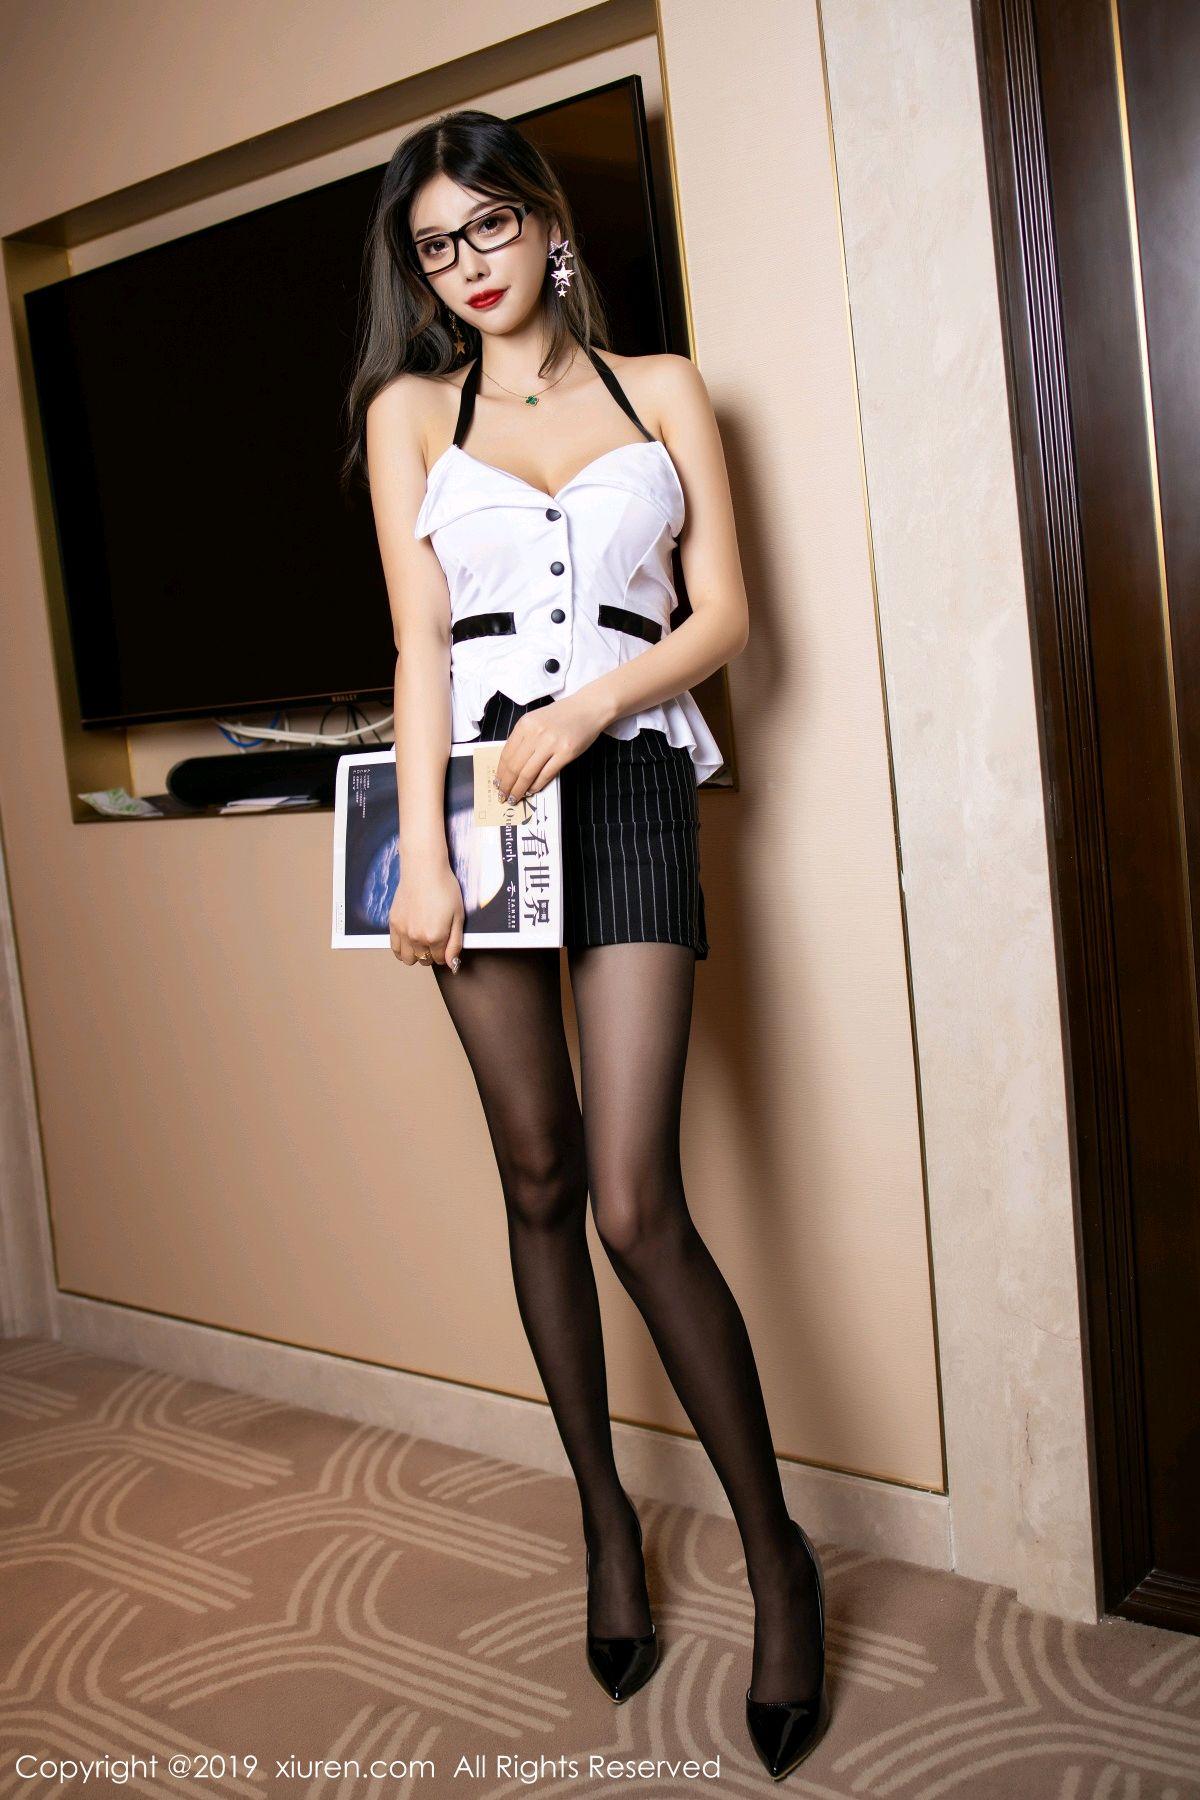 [XiuRen] Vol.1552 Yang Chen Chen 1P, Black Silk, Tall, Uniform, Xiuren, Yang Chen Chen